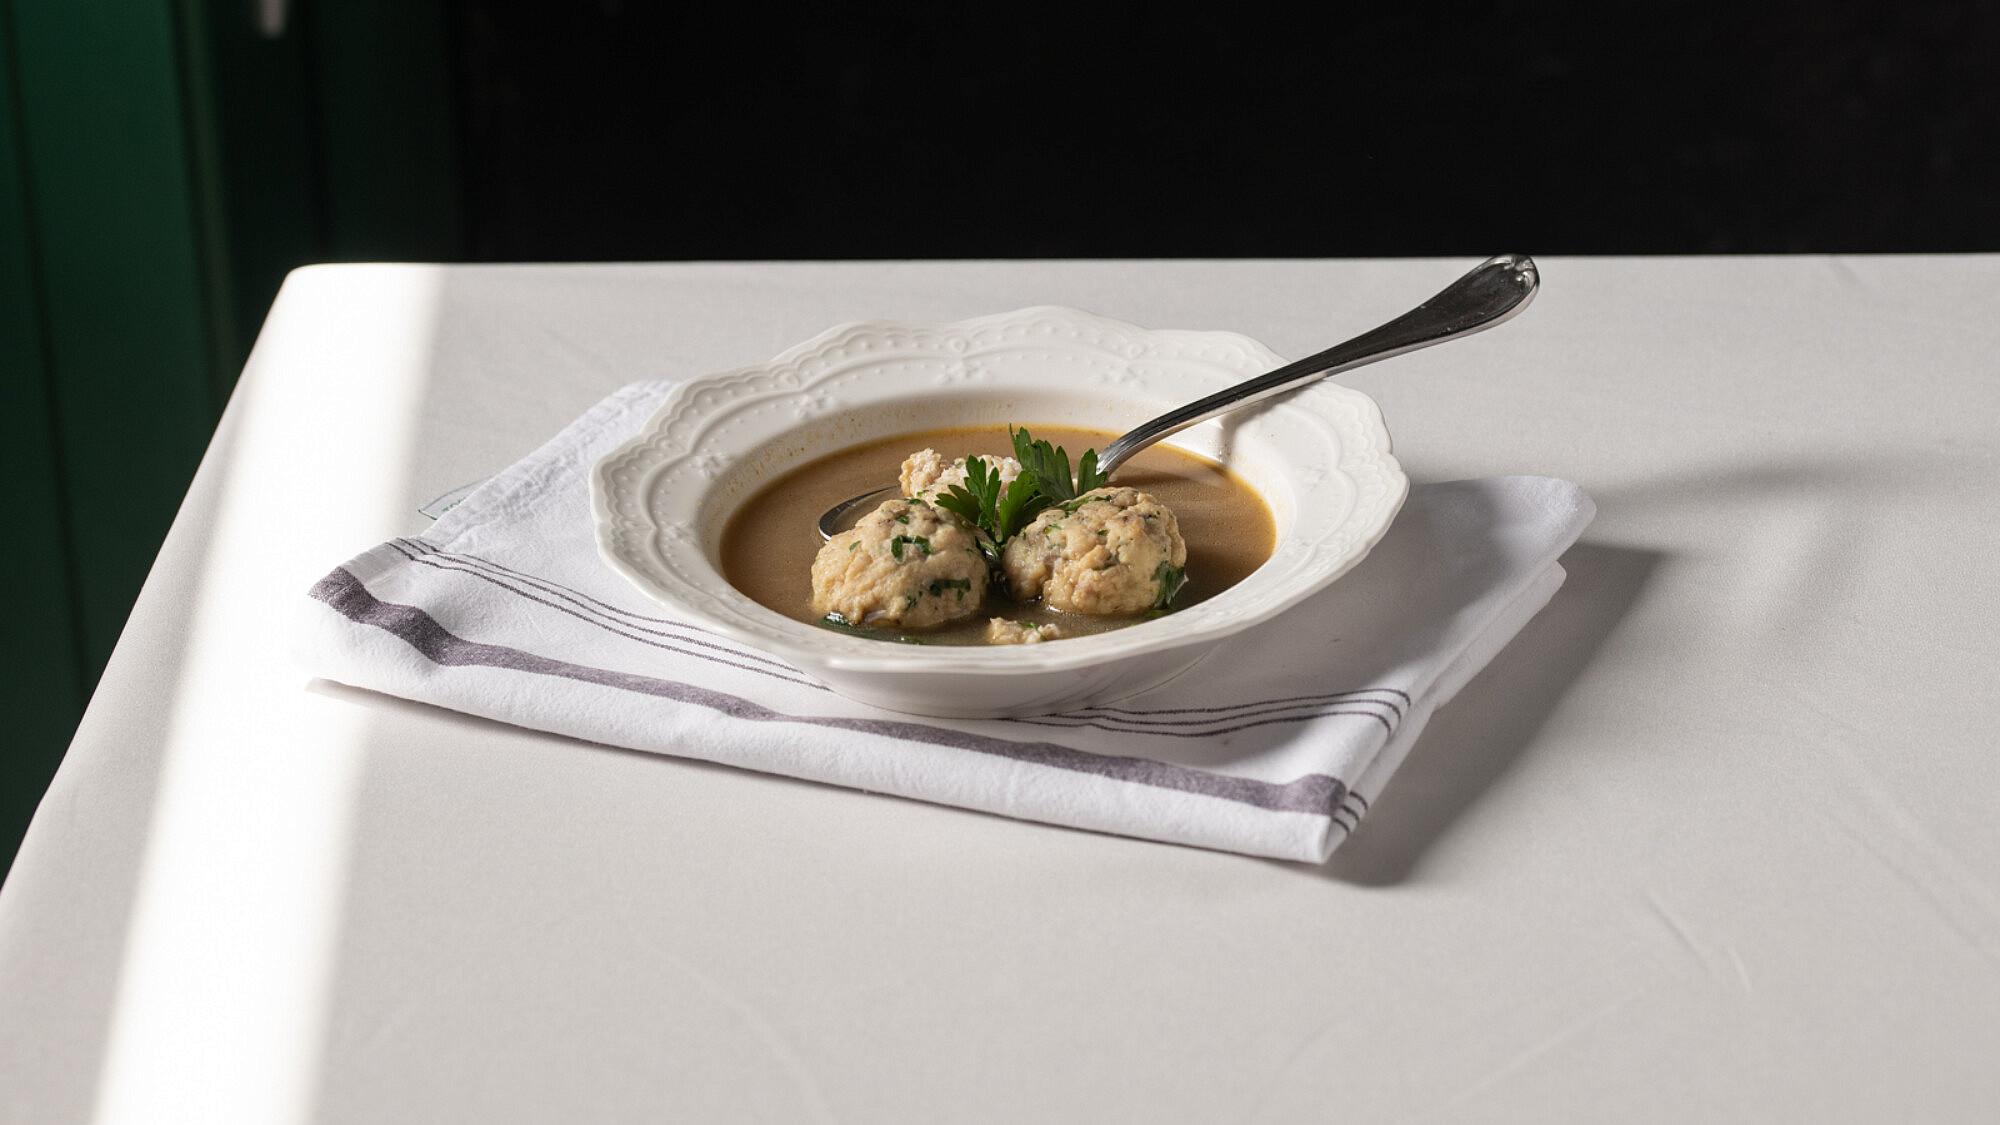 מרק עם קציצות דגים של שף אסף גבאי. צילום: נועם פריסמן